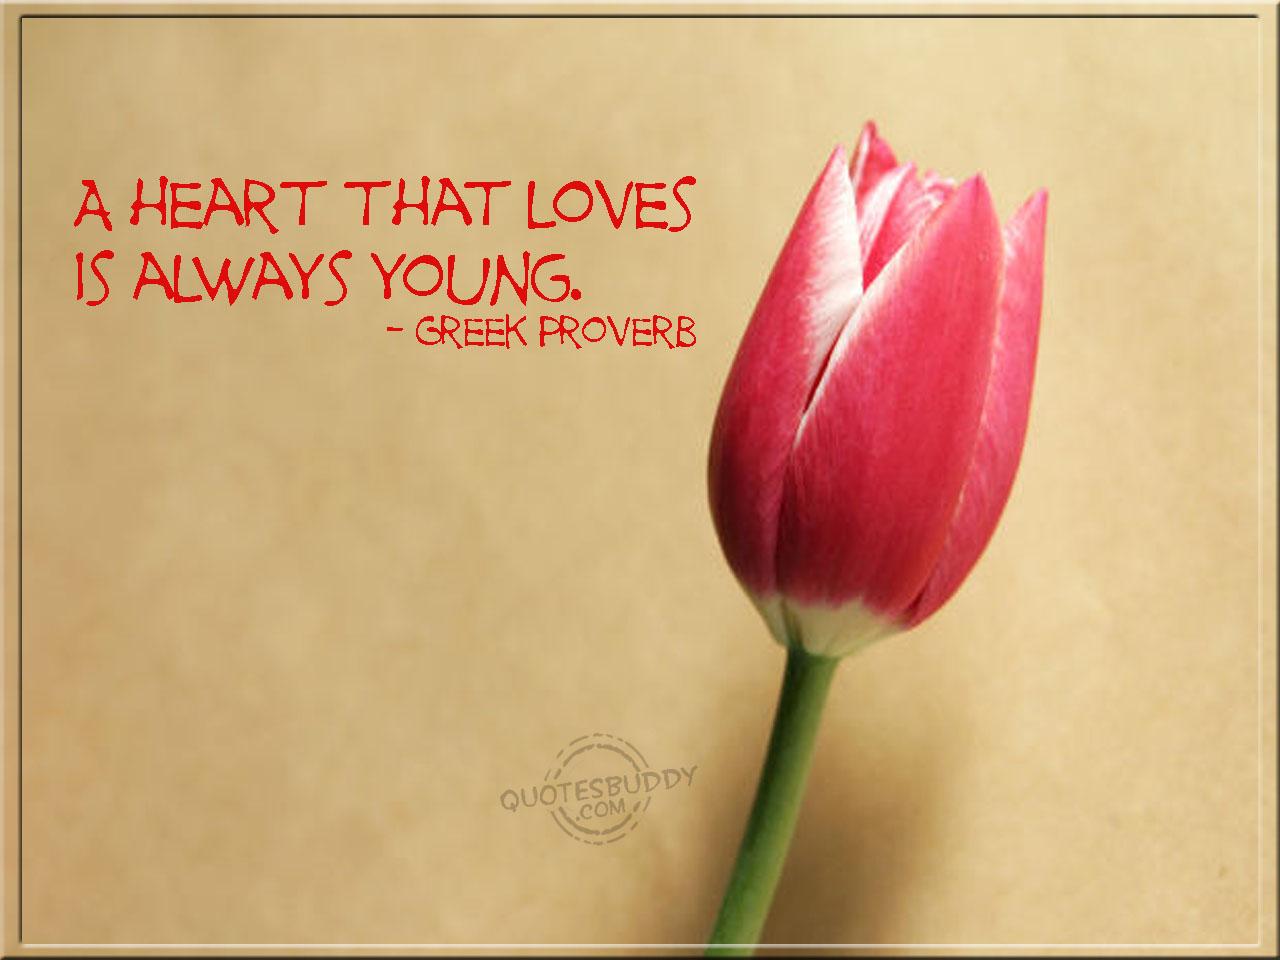 http://4.bp.blogspot.com/-bTG_S6qQSD8/TlH7Tg1kk0I/AAAAAAAAAoE/Dk4SgYpPs6I/s1600/Love-Graphic-Quotes-Wallpapers-5.jpg